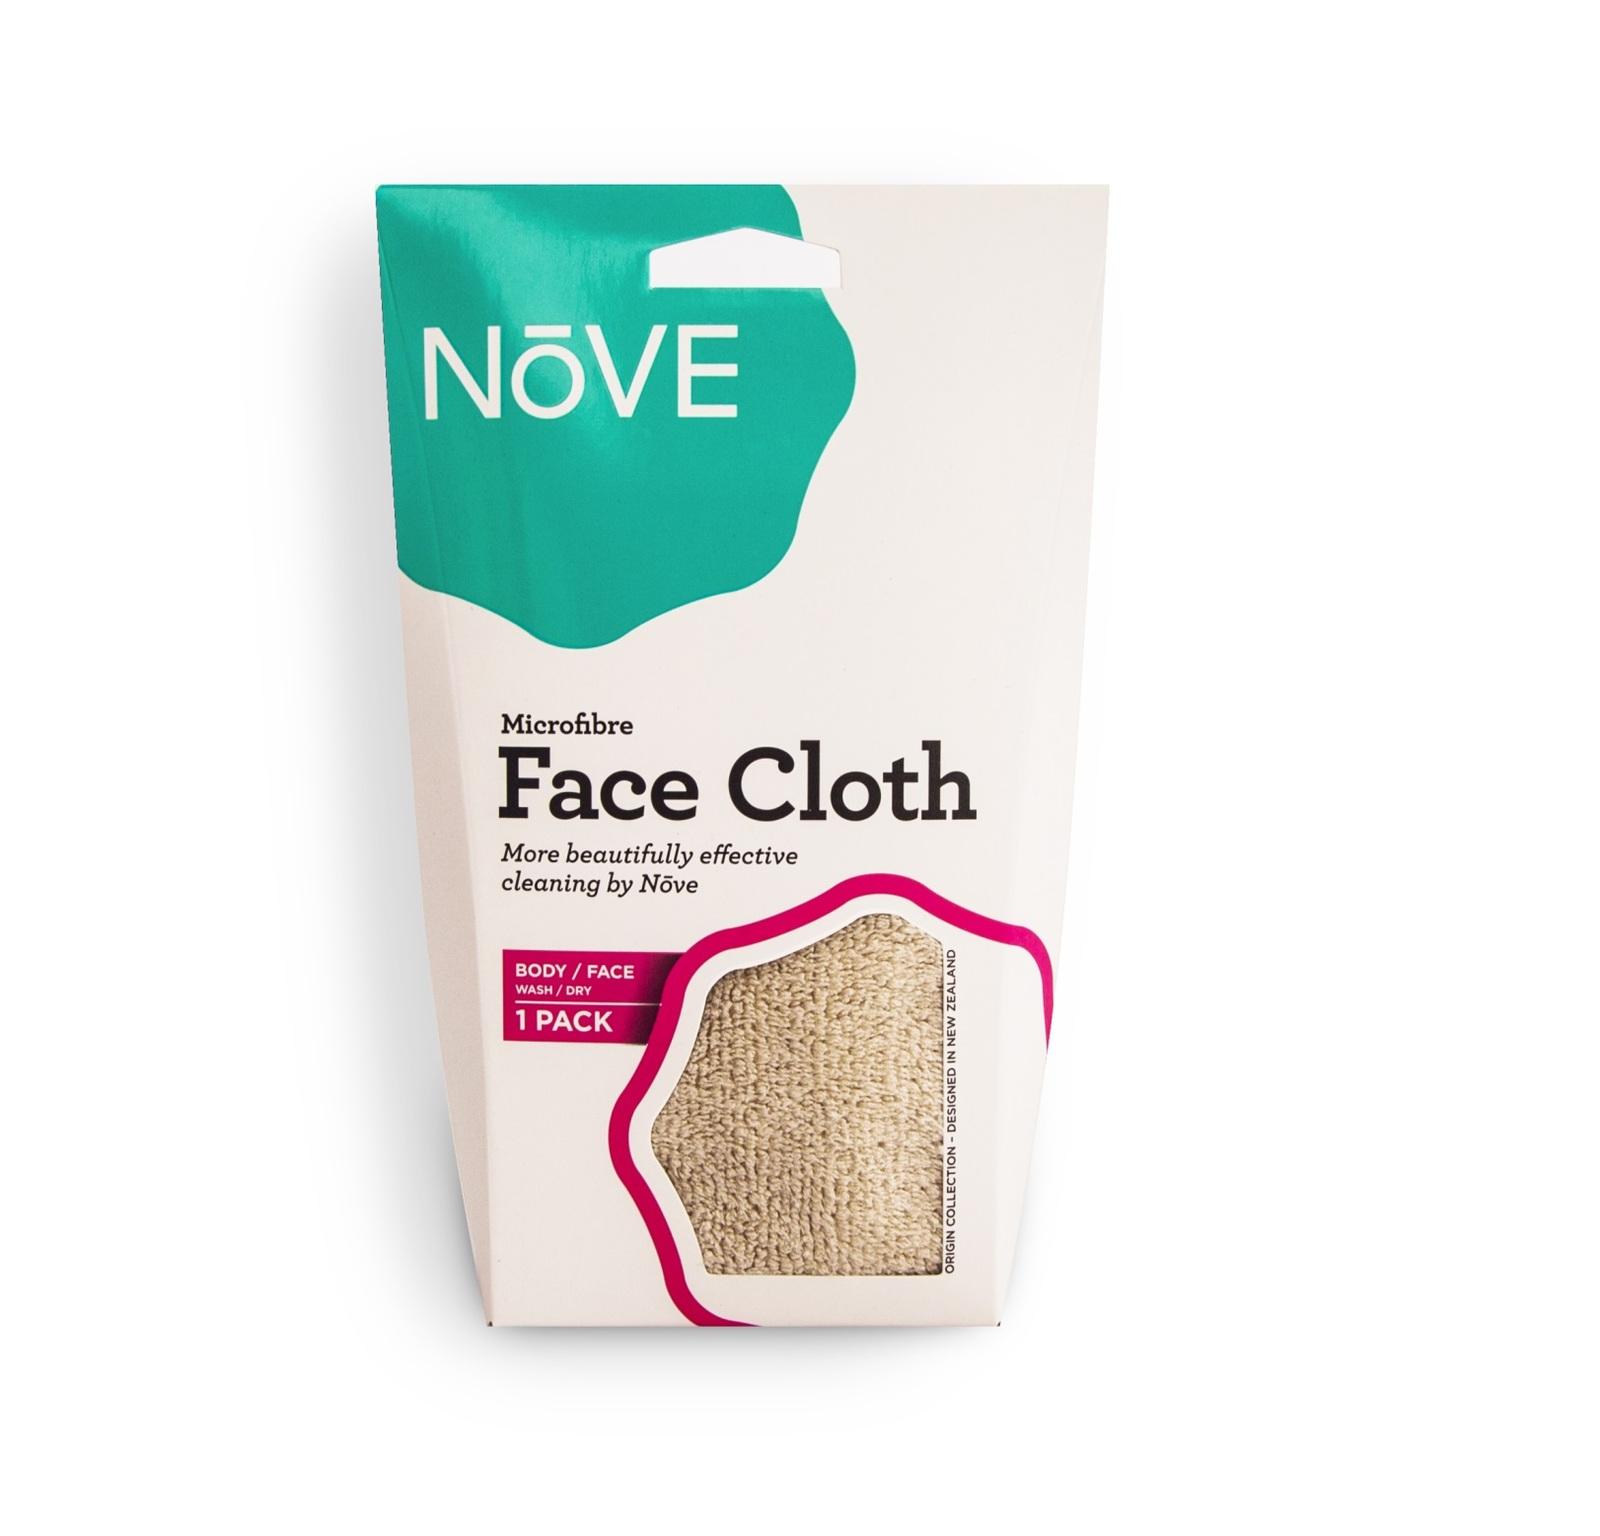 Nove Face Cloth image